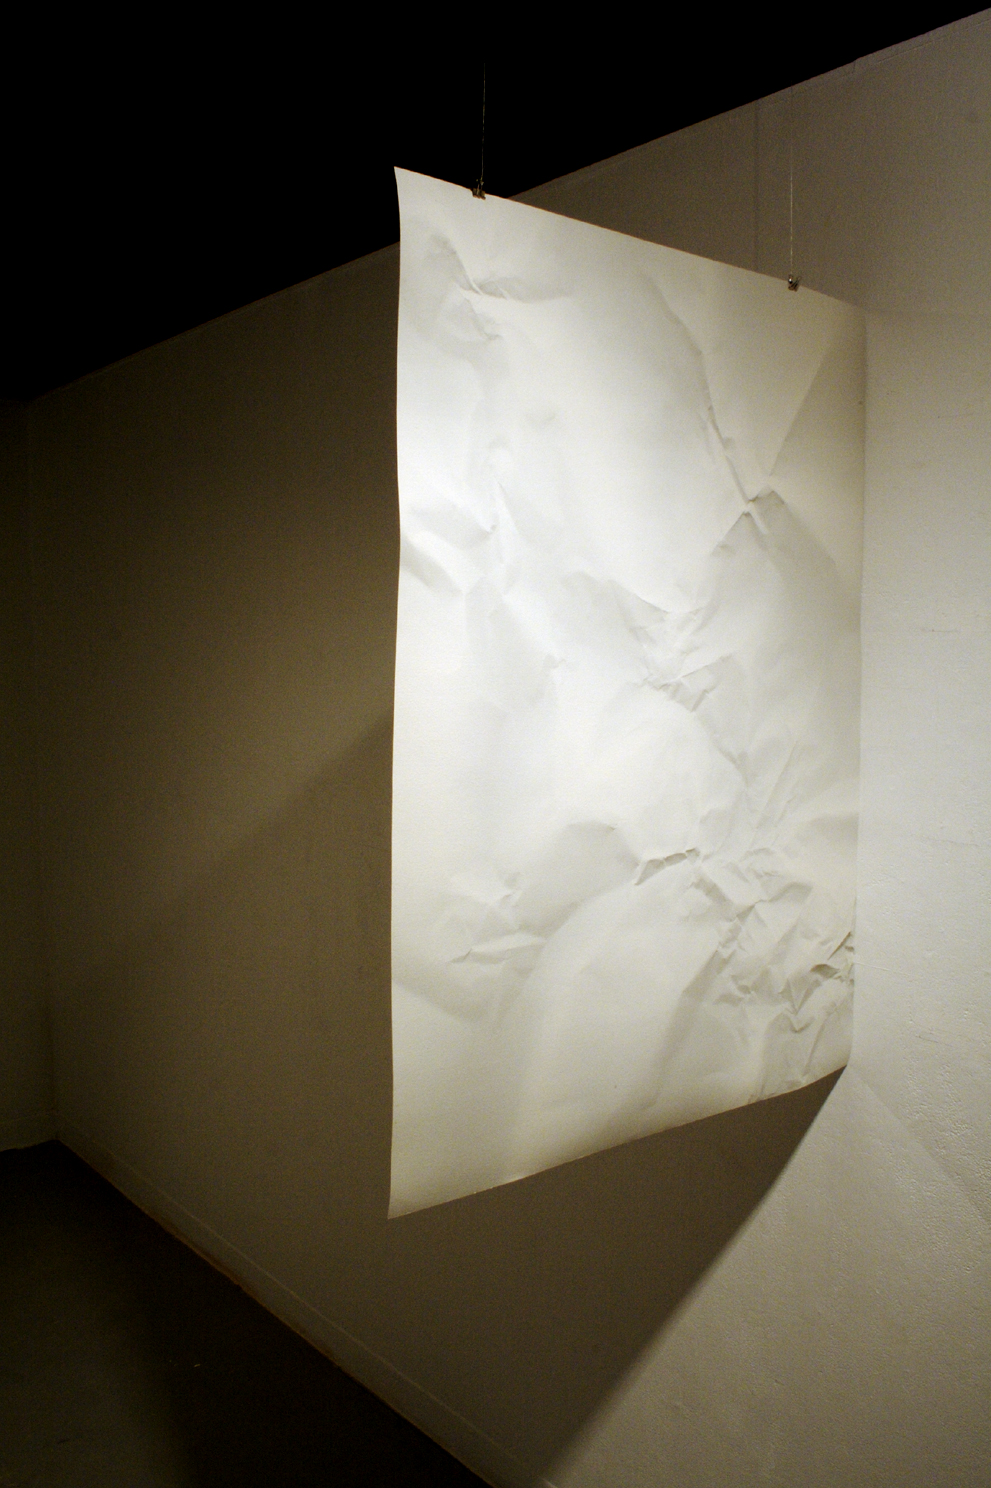 Cast porcelain    Digital print on paper